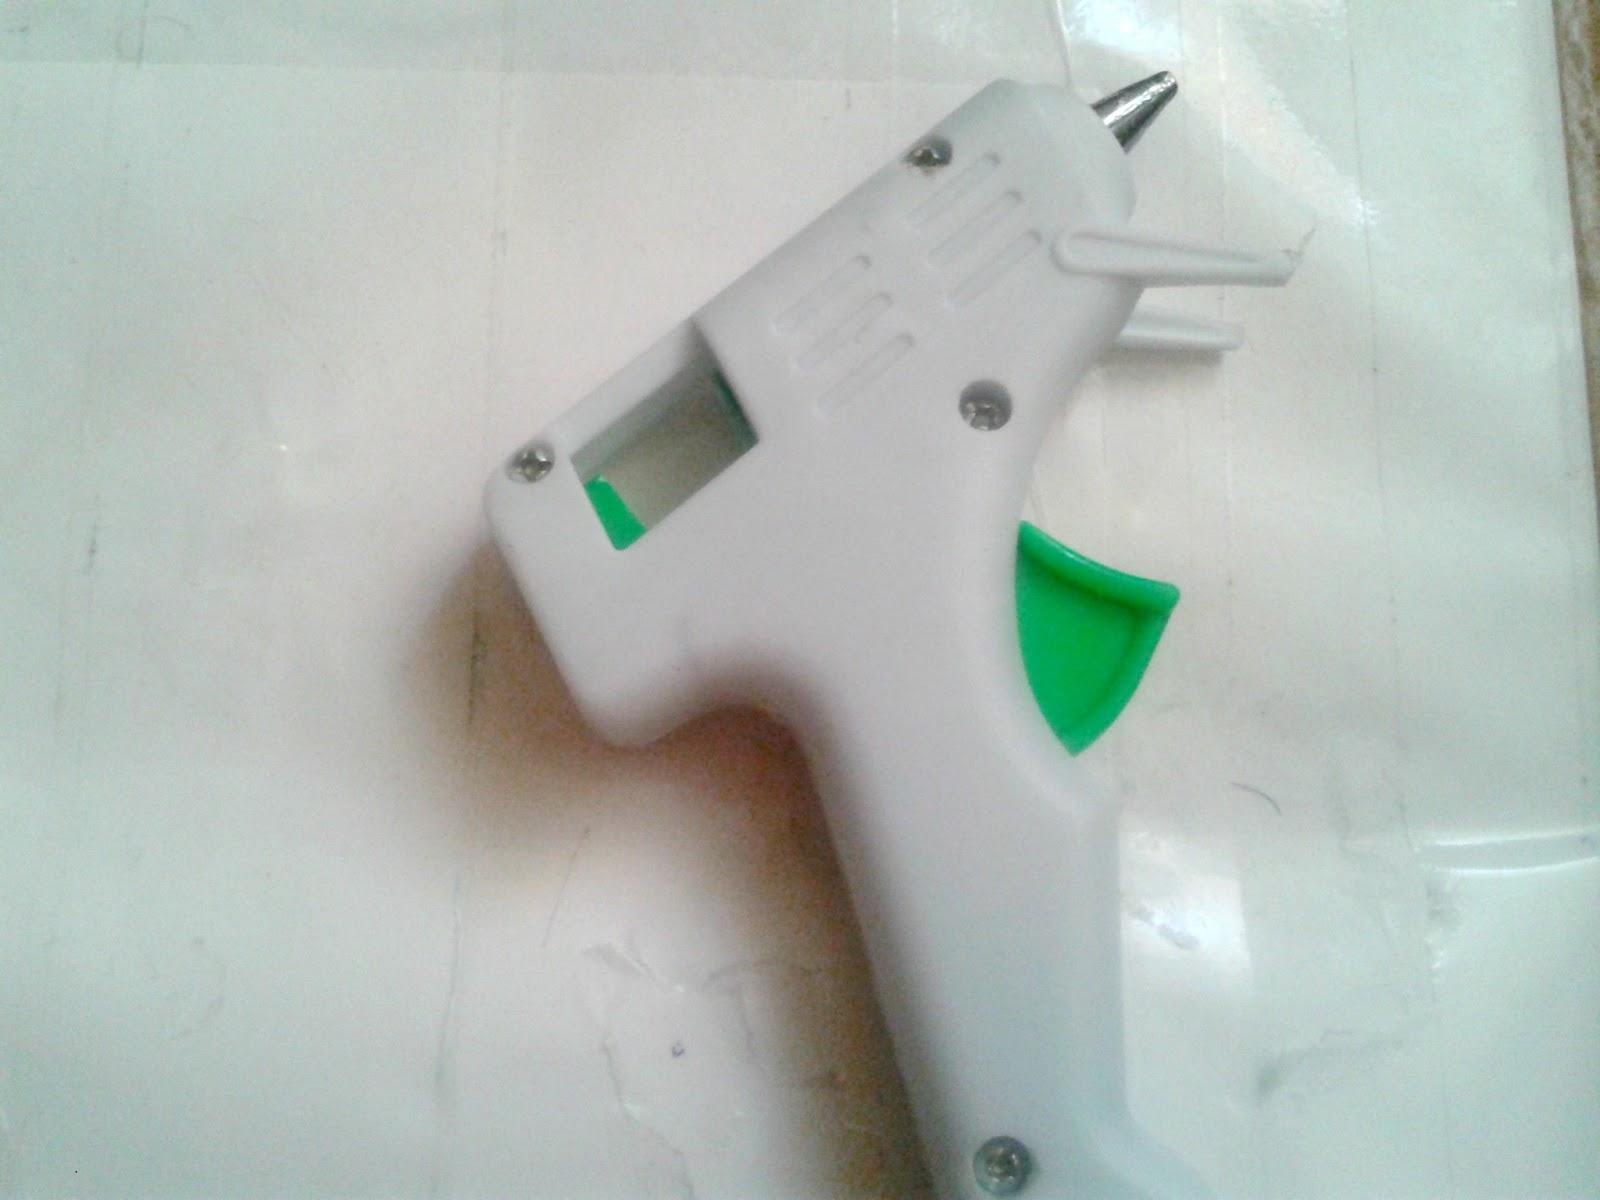 Como hacer moldes de silicona caliente proyecto pastelito - Como quitar silicona ...